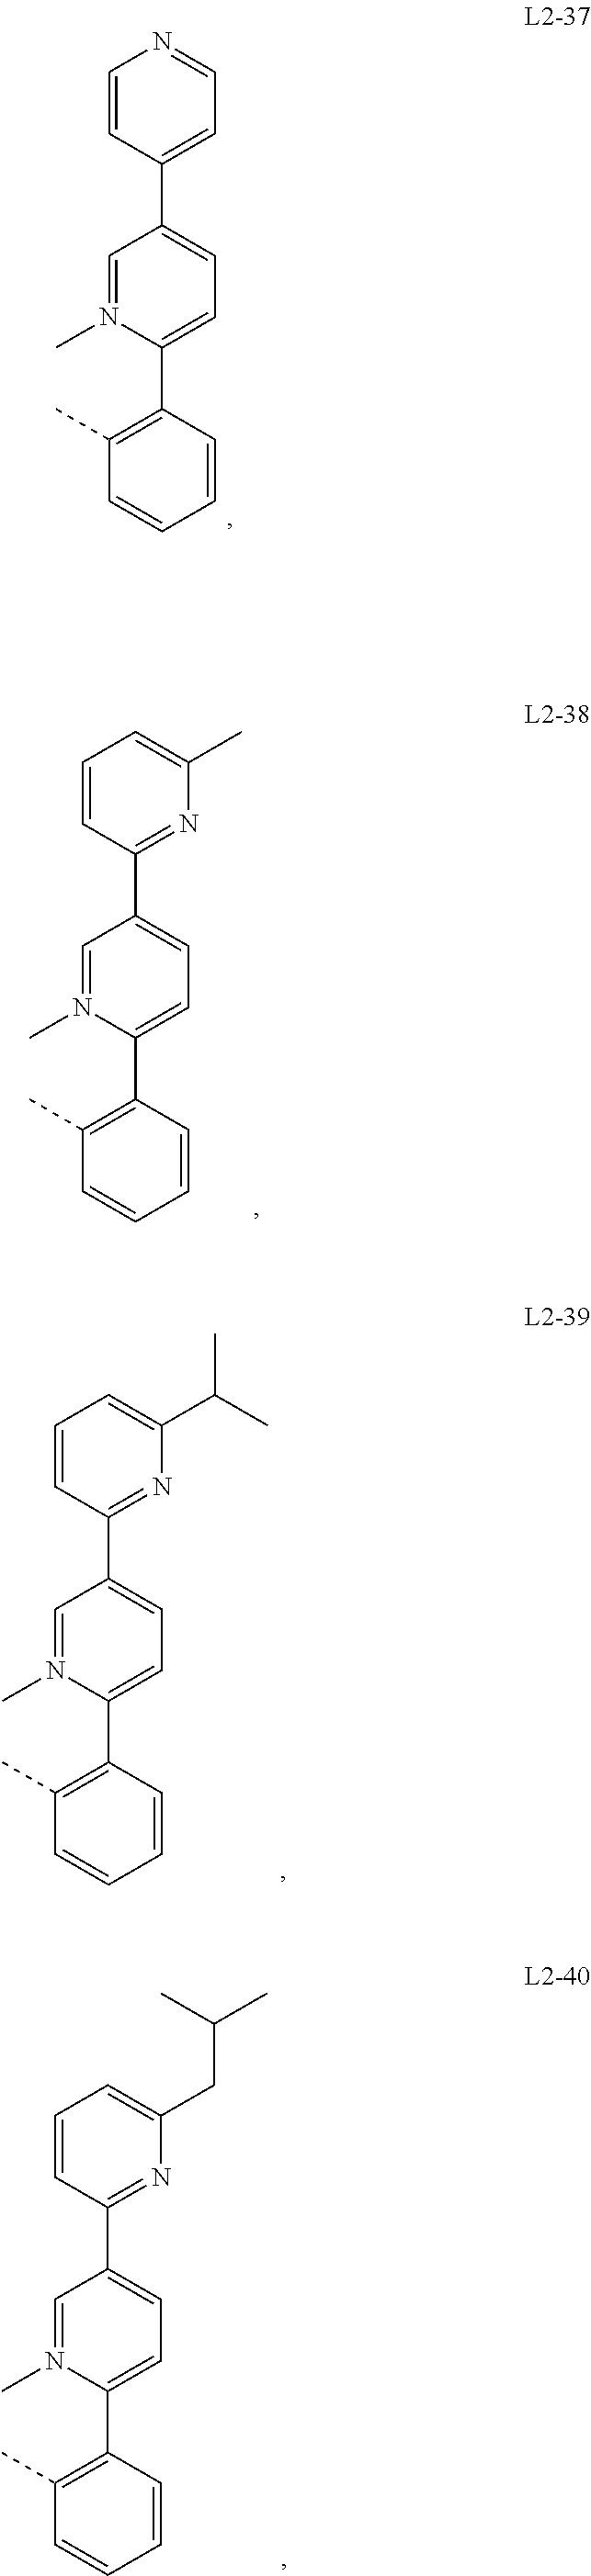 Figure US10074806-20180911-C00059